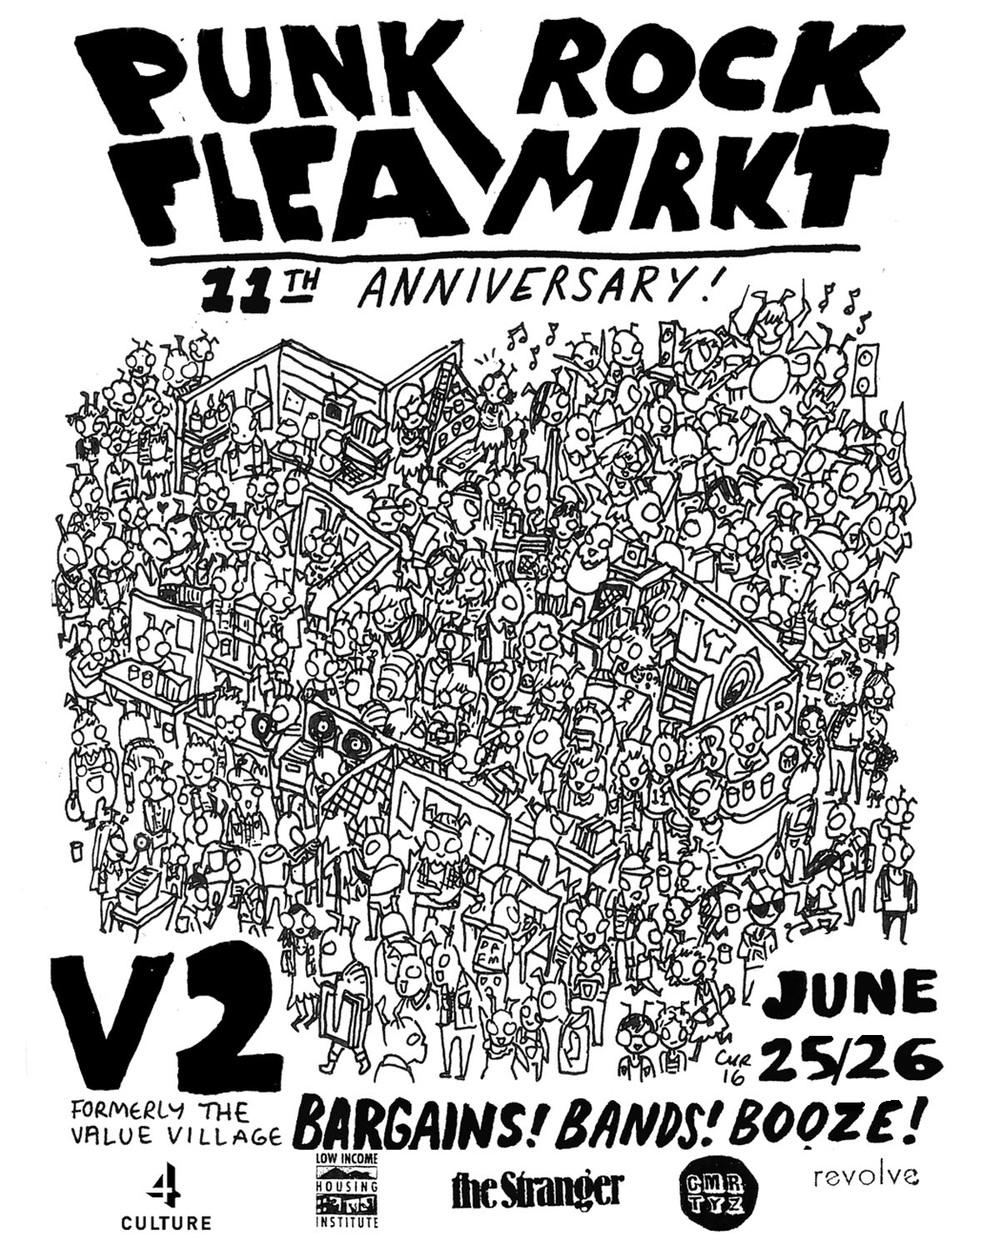 Seattle Punk Rock Flea Market